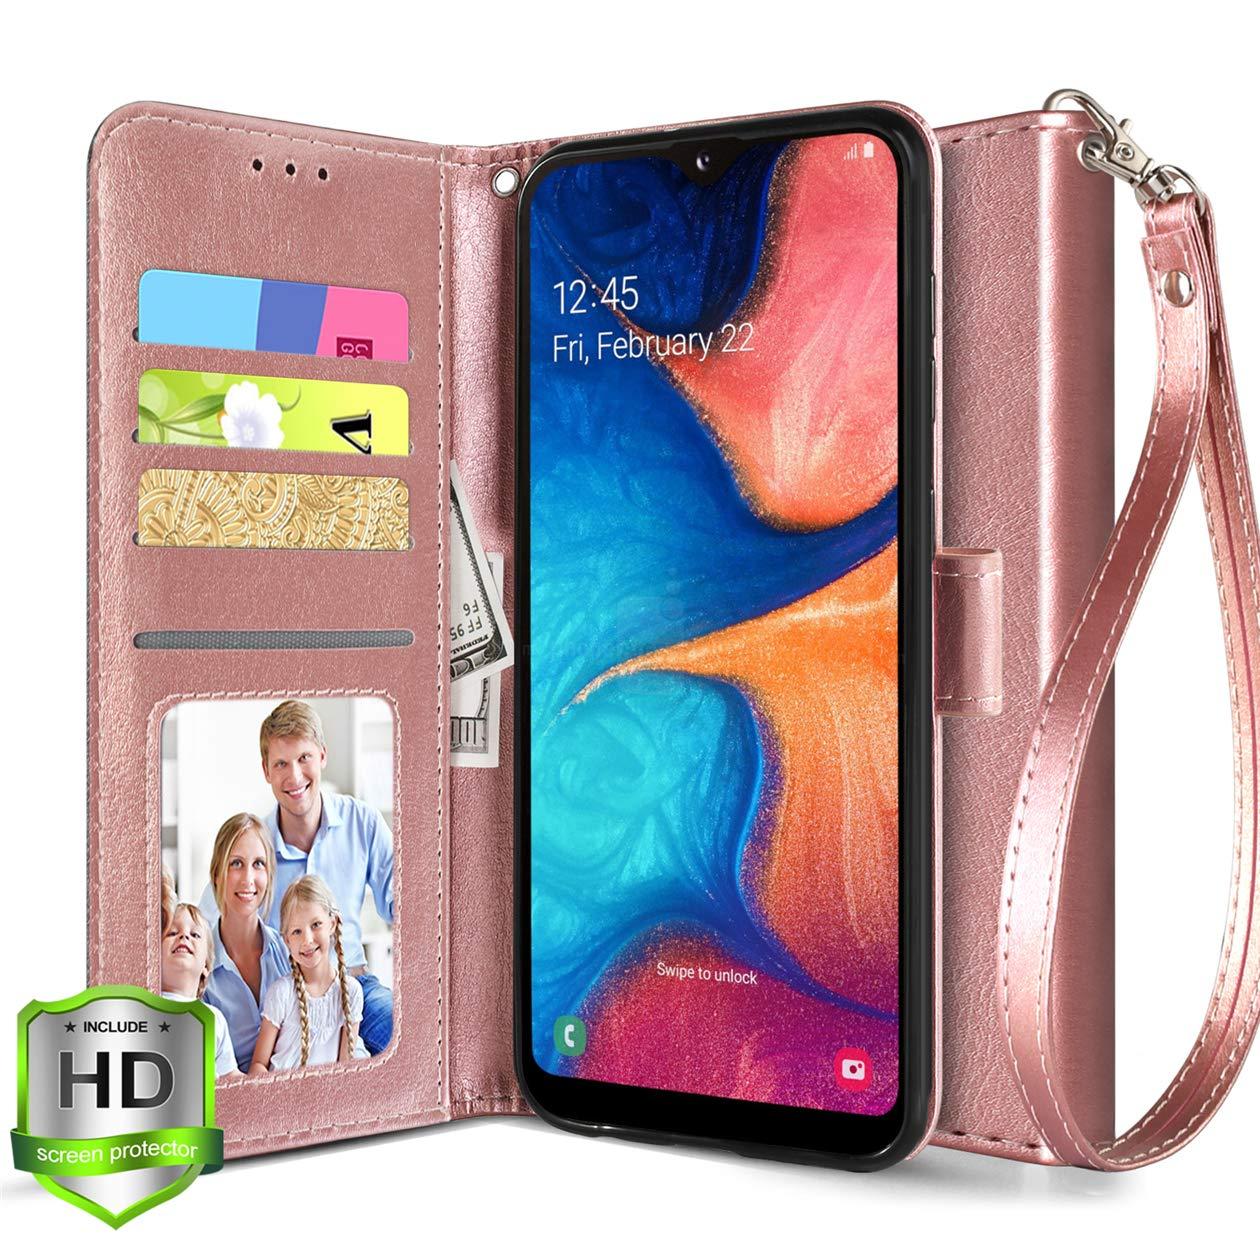 Amazon.com: LG Stylo 3 Funda LG Stylo 3 Plus Funda con ...